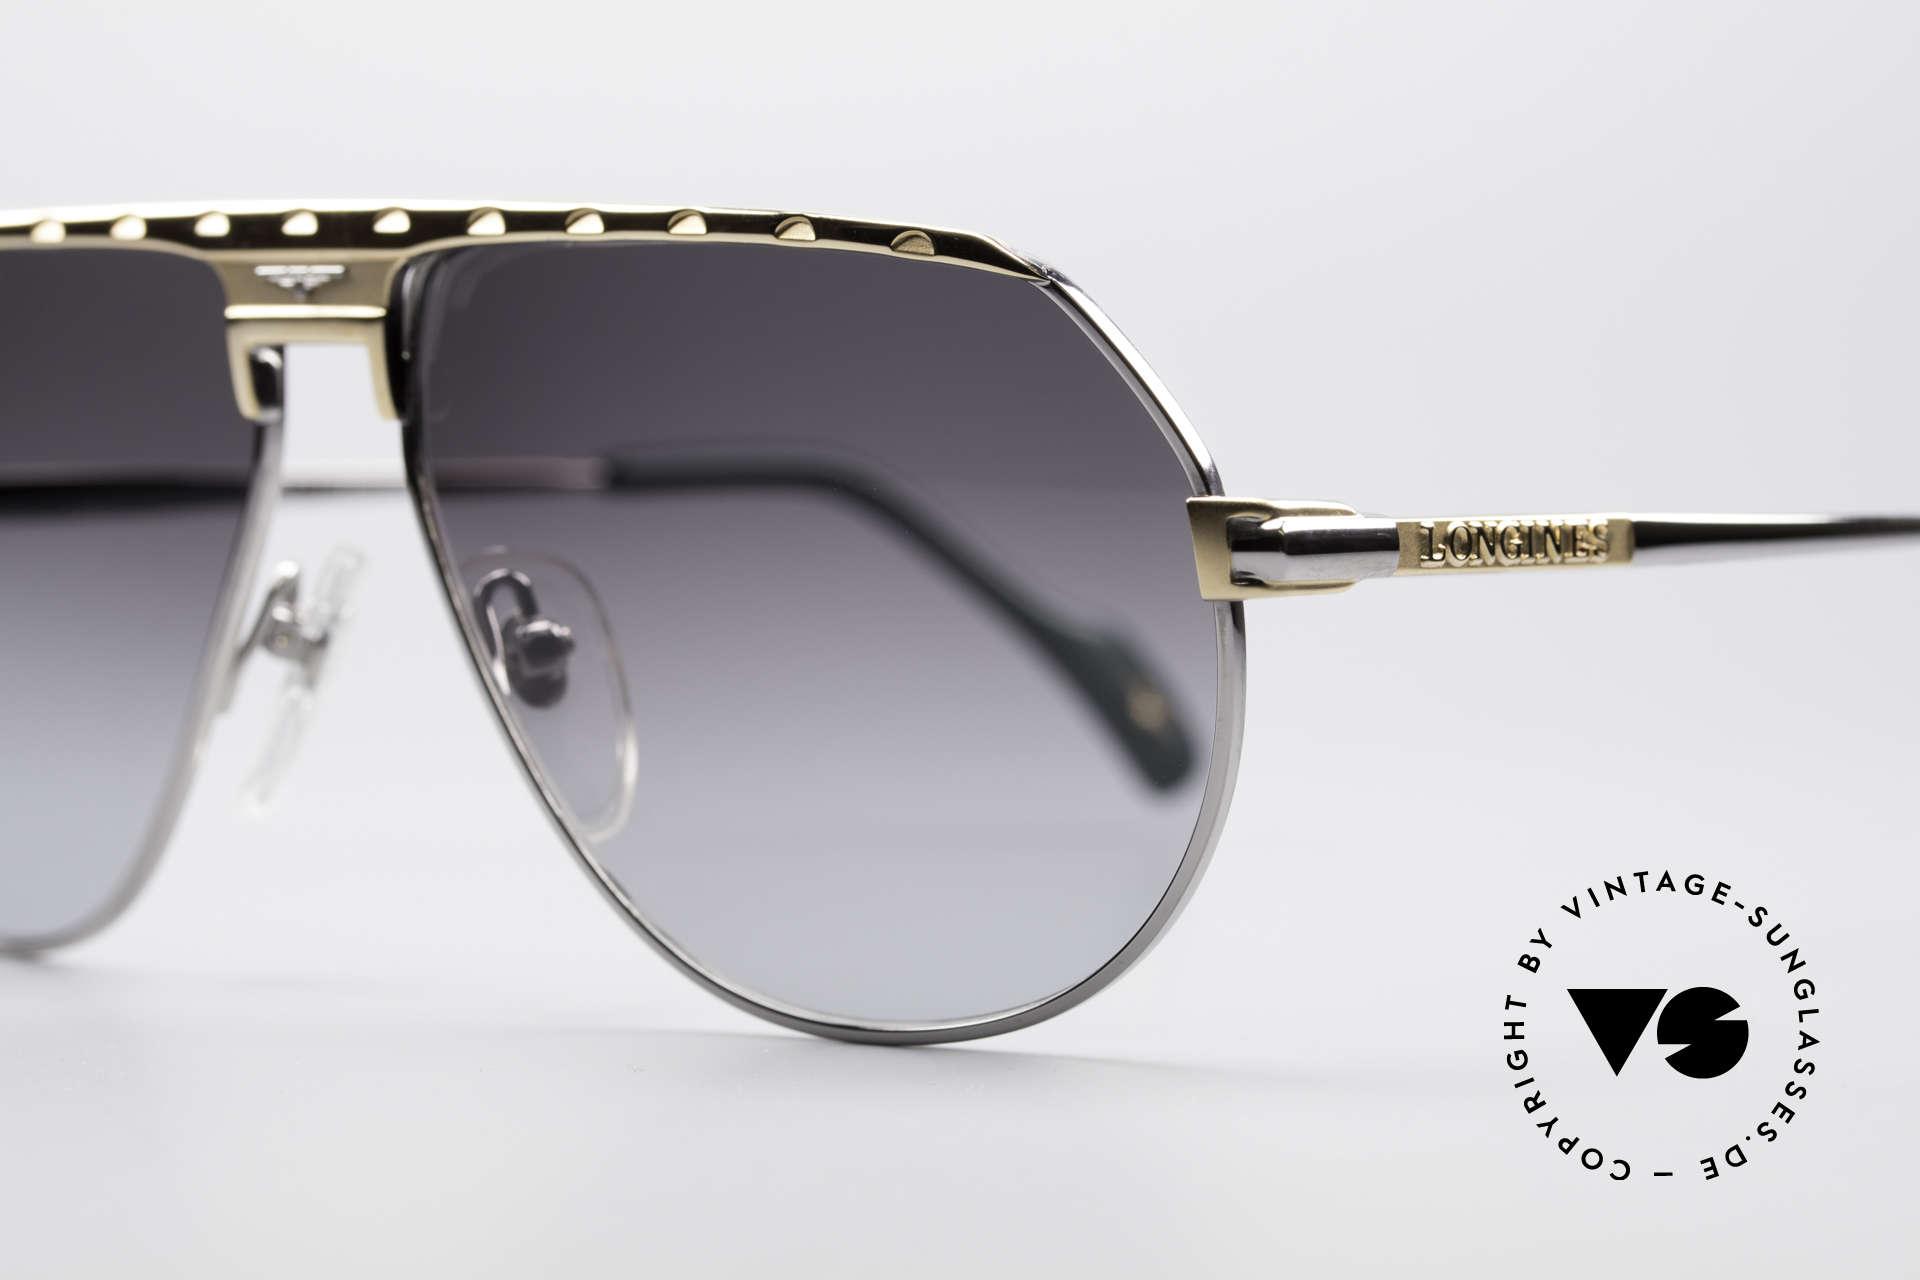 Longines 0151 80er Titanium Sonnenbrille, medium Größe 58-13 und mit Lederetui von GENTA, Passend für Herren